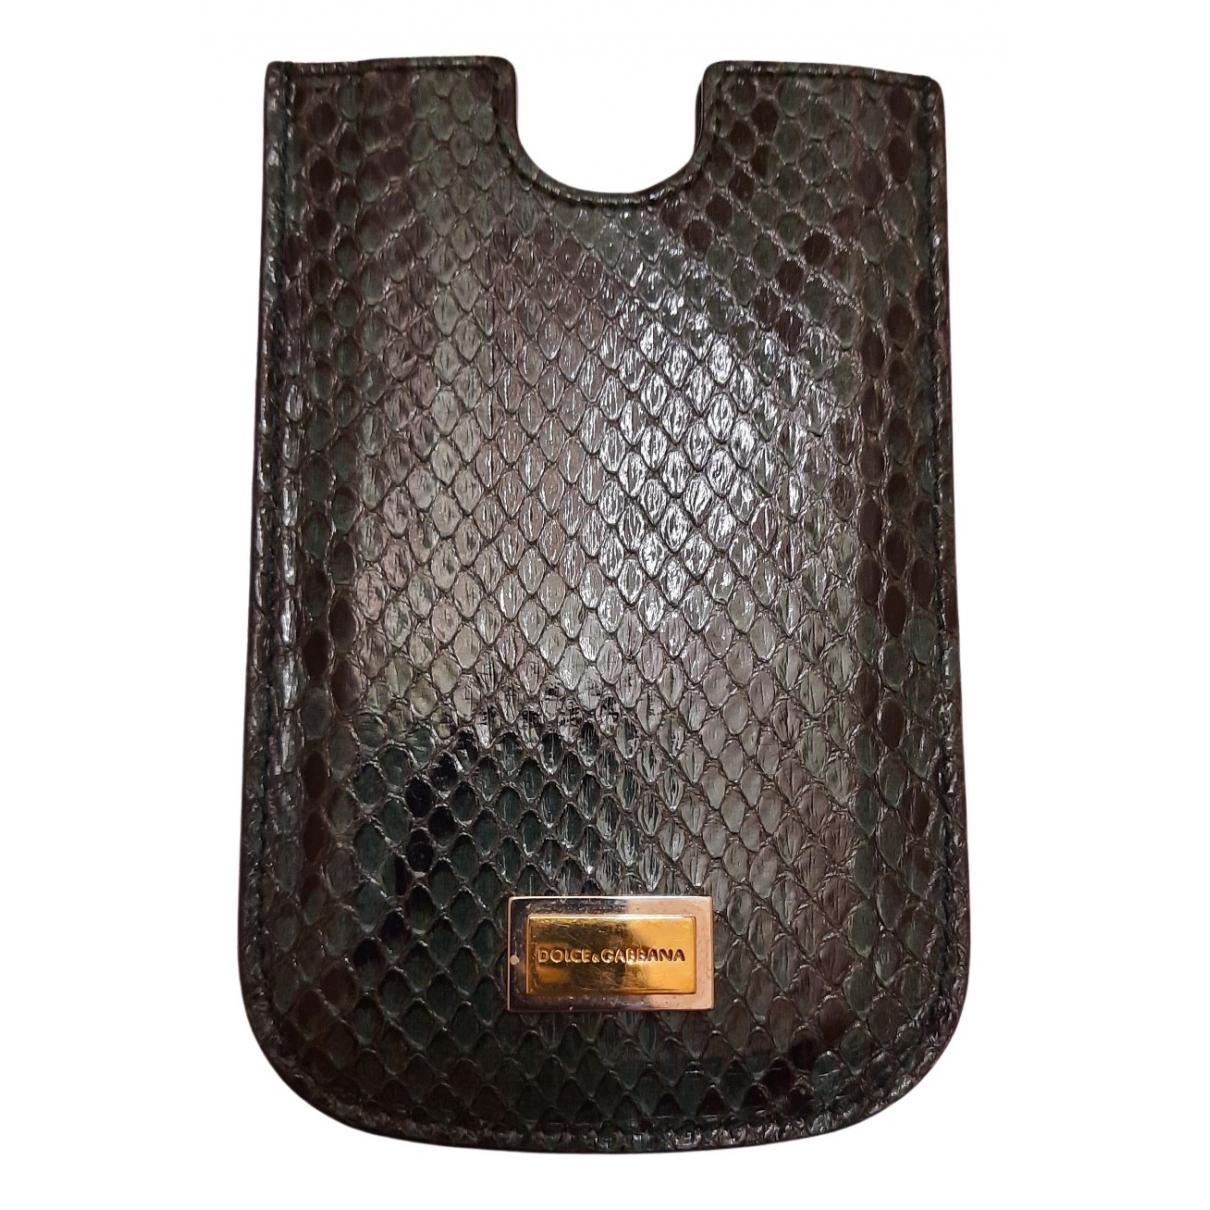 Dolce & Gabbana - Accessoires   pour lifestyle en serpent deau - noir